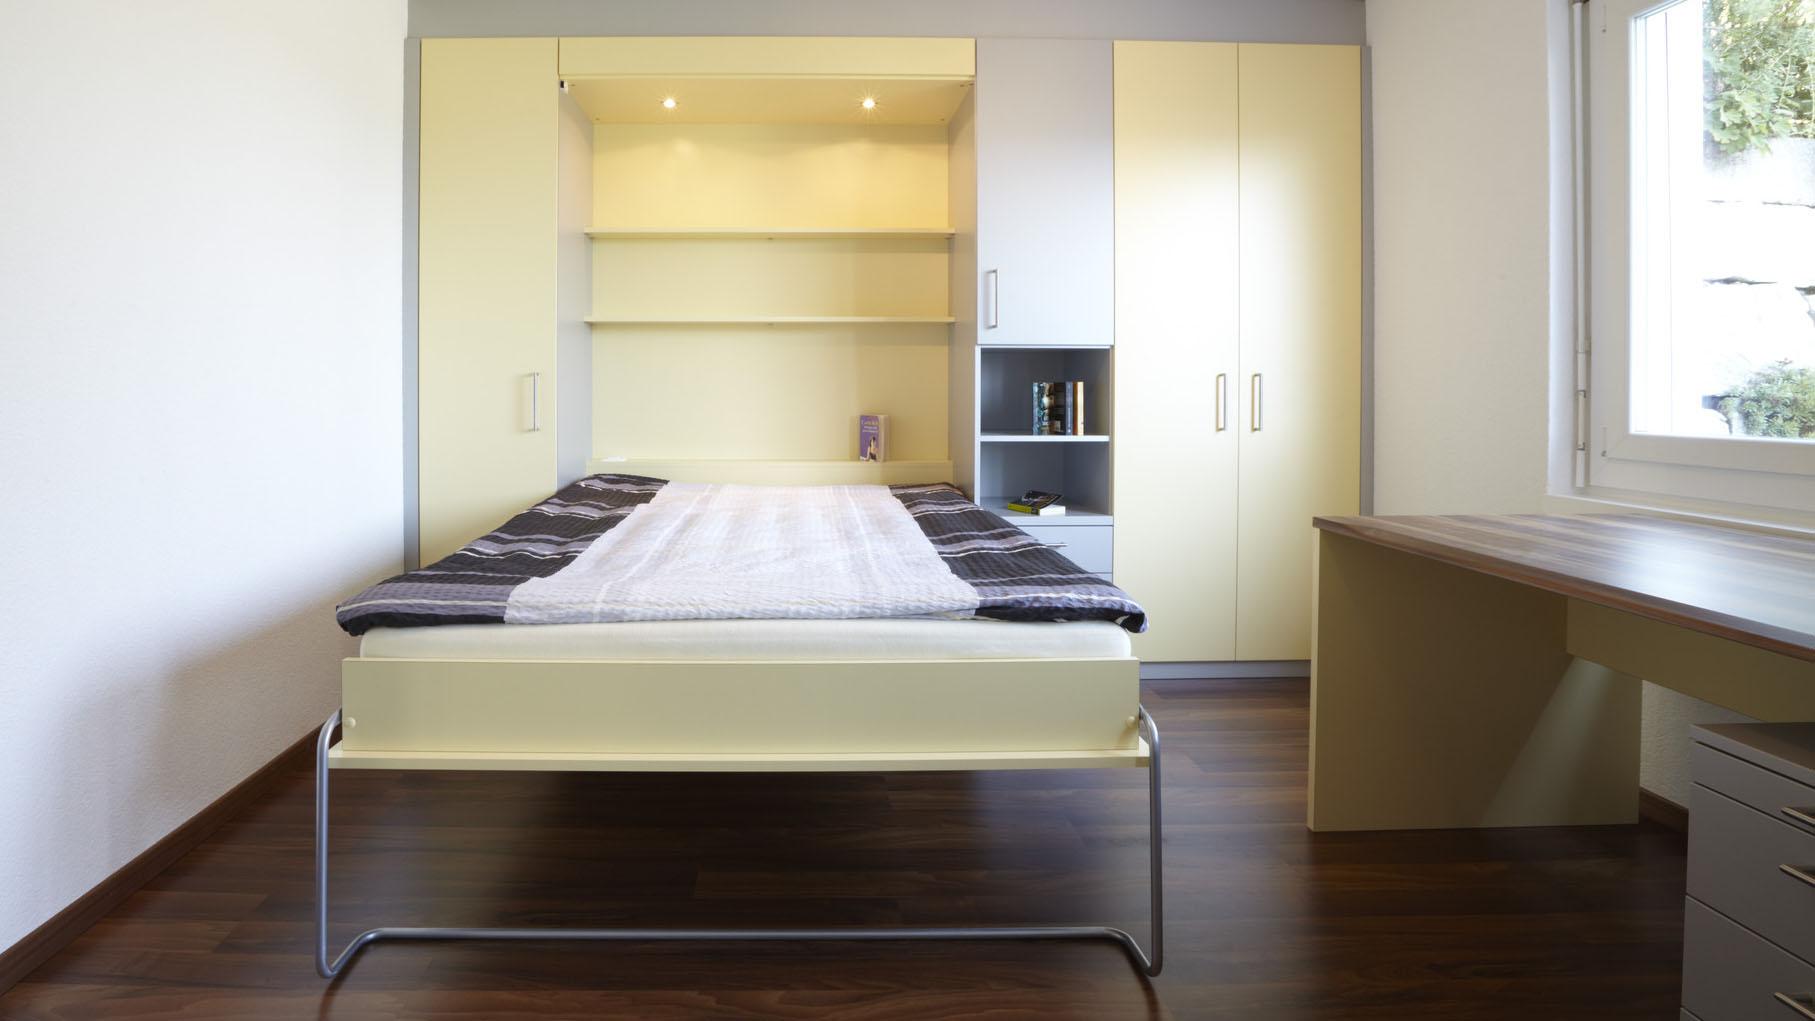 blog alpnach norm schrankelemente ag. Black Bedroom Furniture Sets. Home Design Ideas